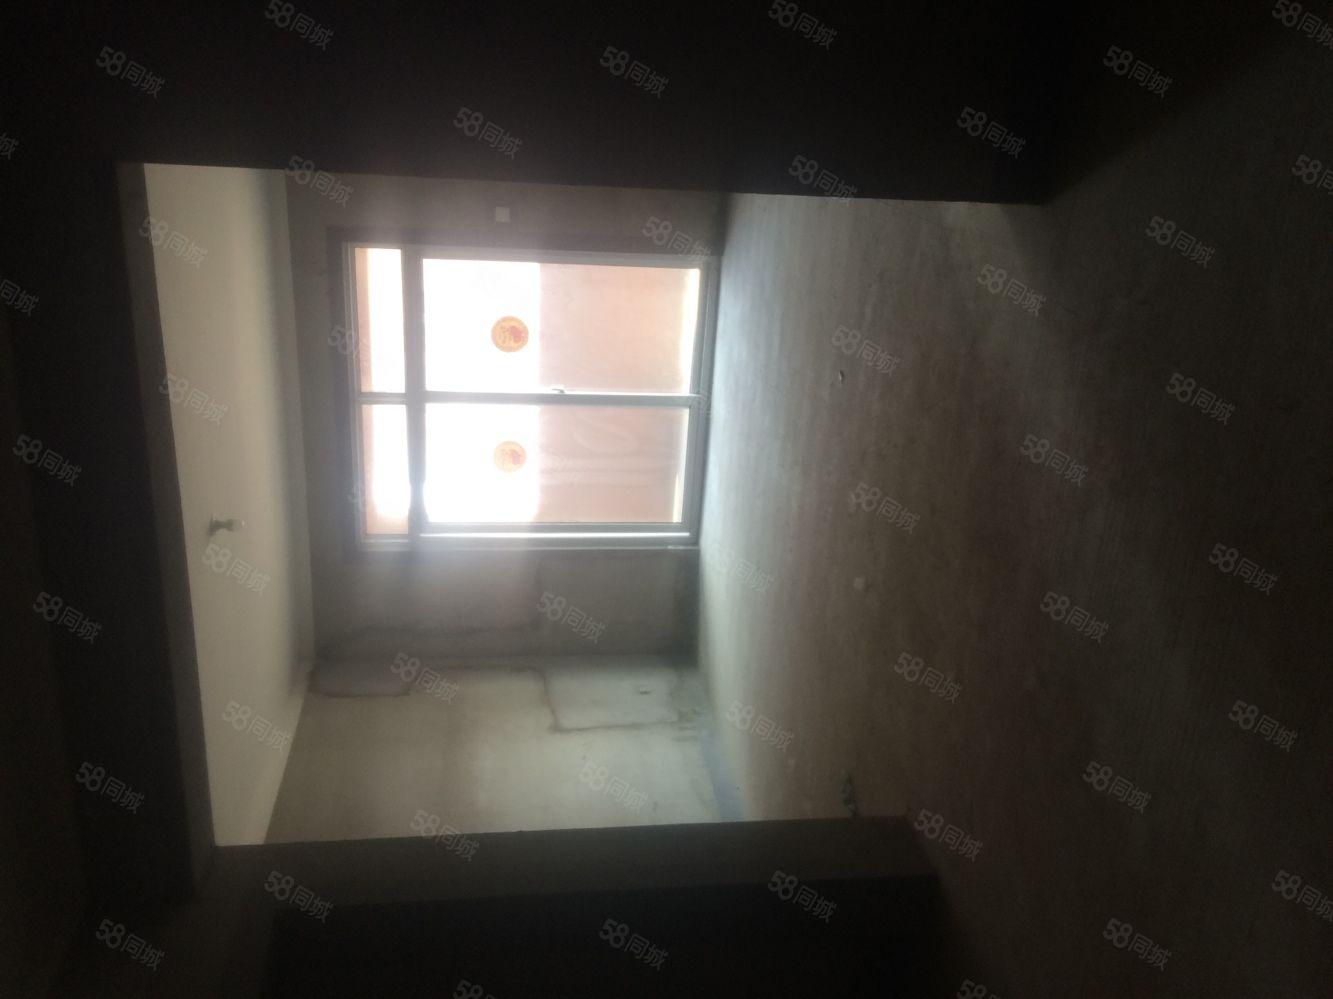 银通苑26楼2室毛坯有证能贷款